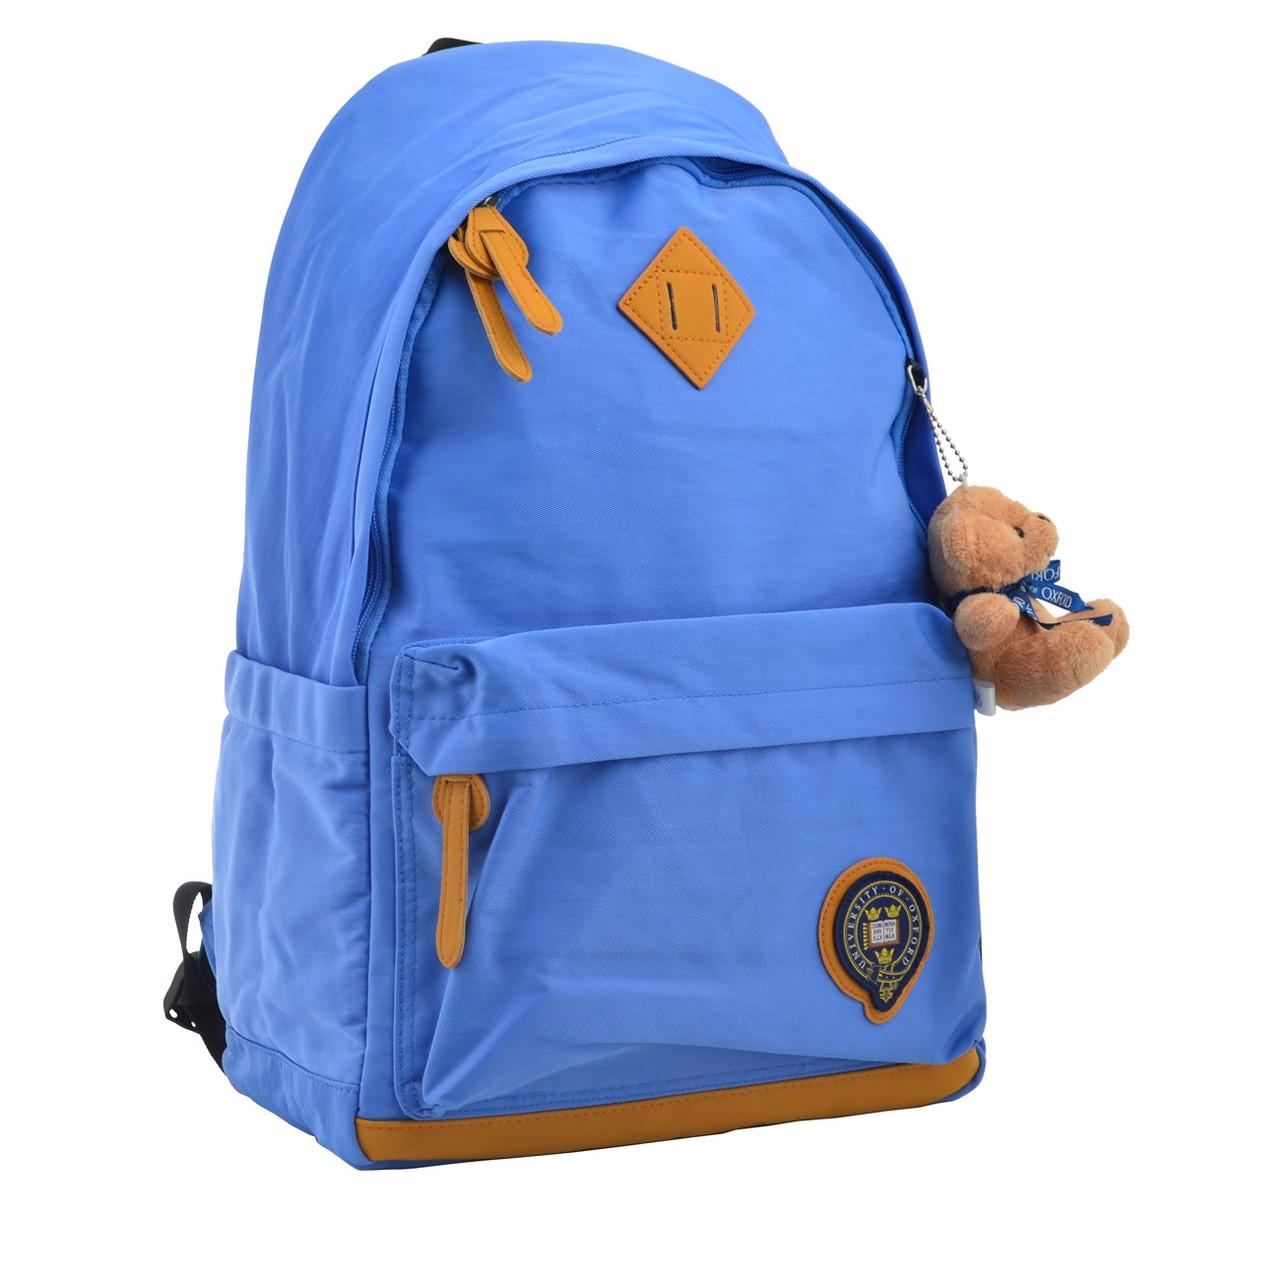 Рюкзак молодежный OX 404, 47*30.5*16.5, голубой